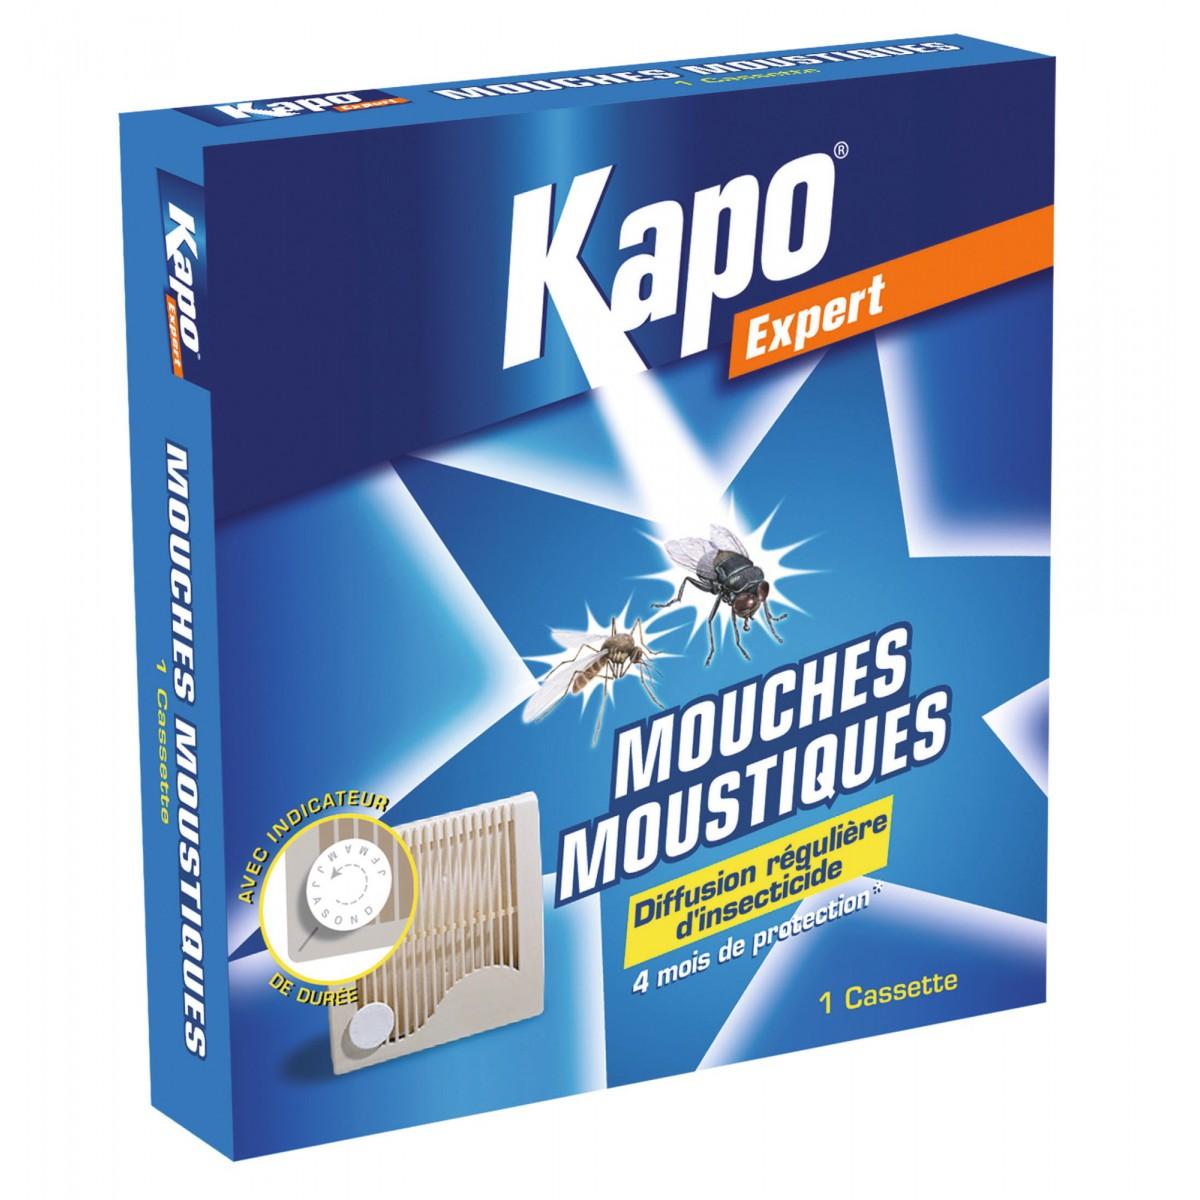 Moustiques cassette Kapo Expert